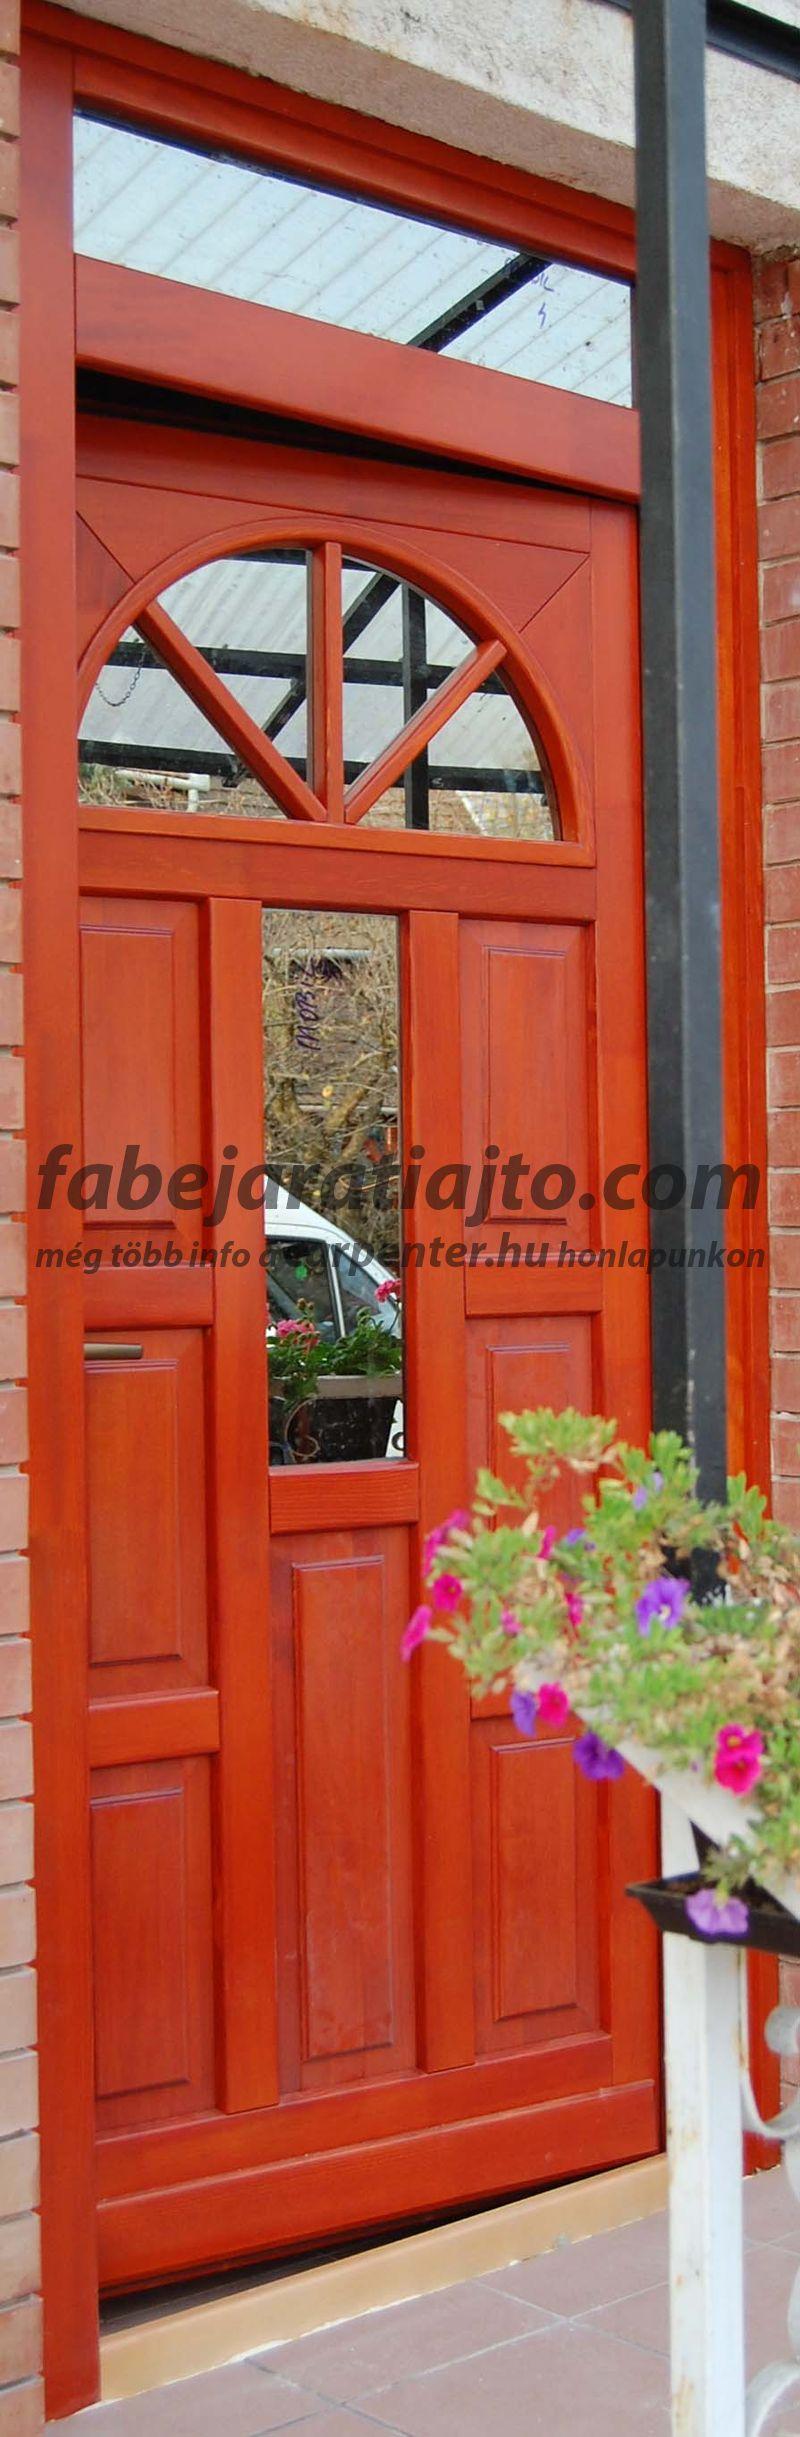 bejárati ajtó a 17. kerületben